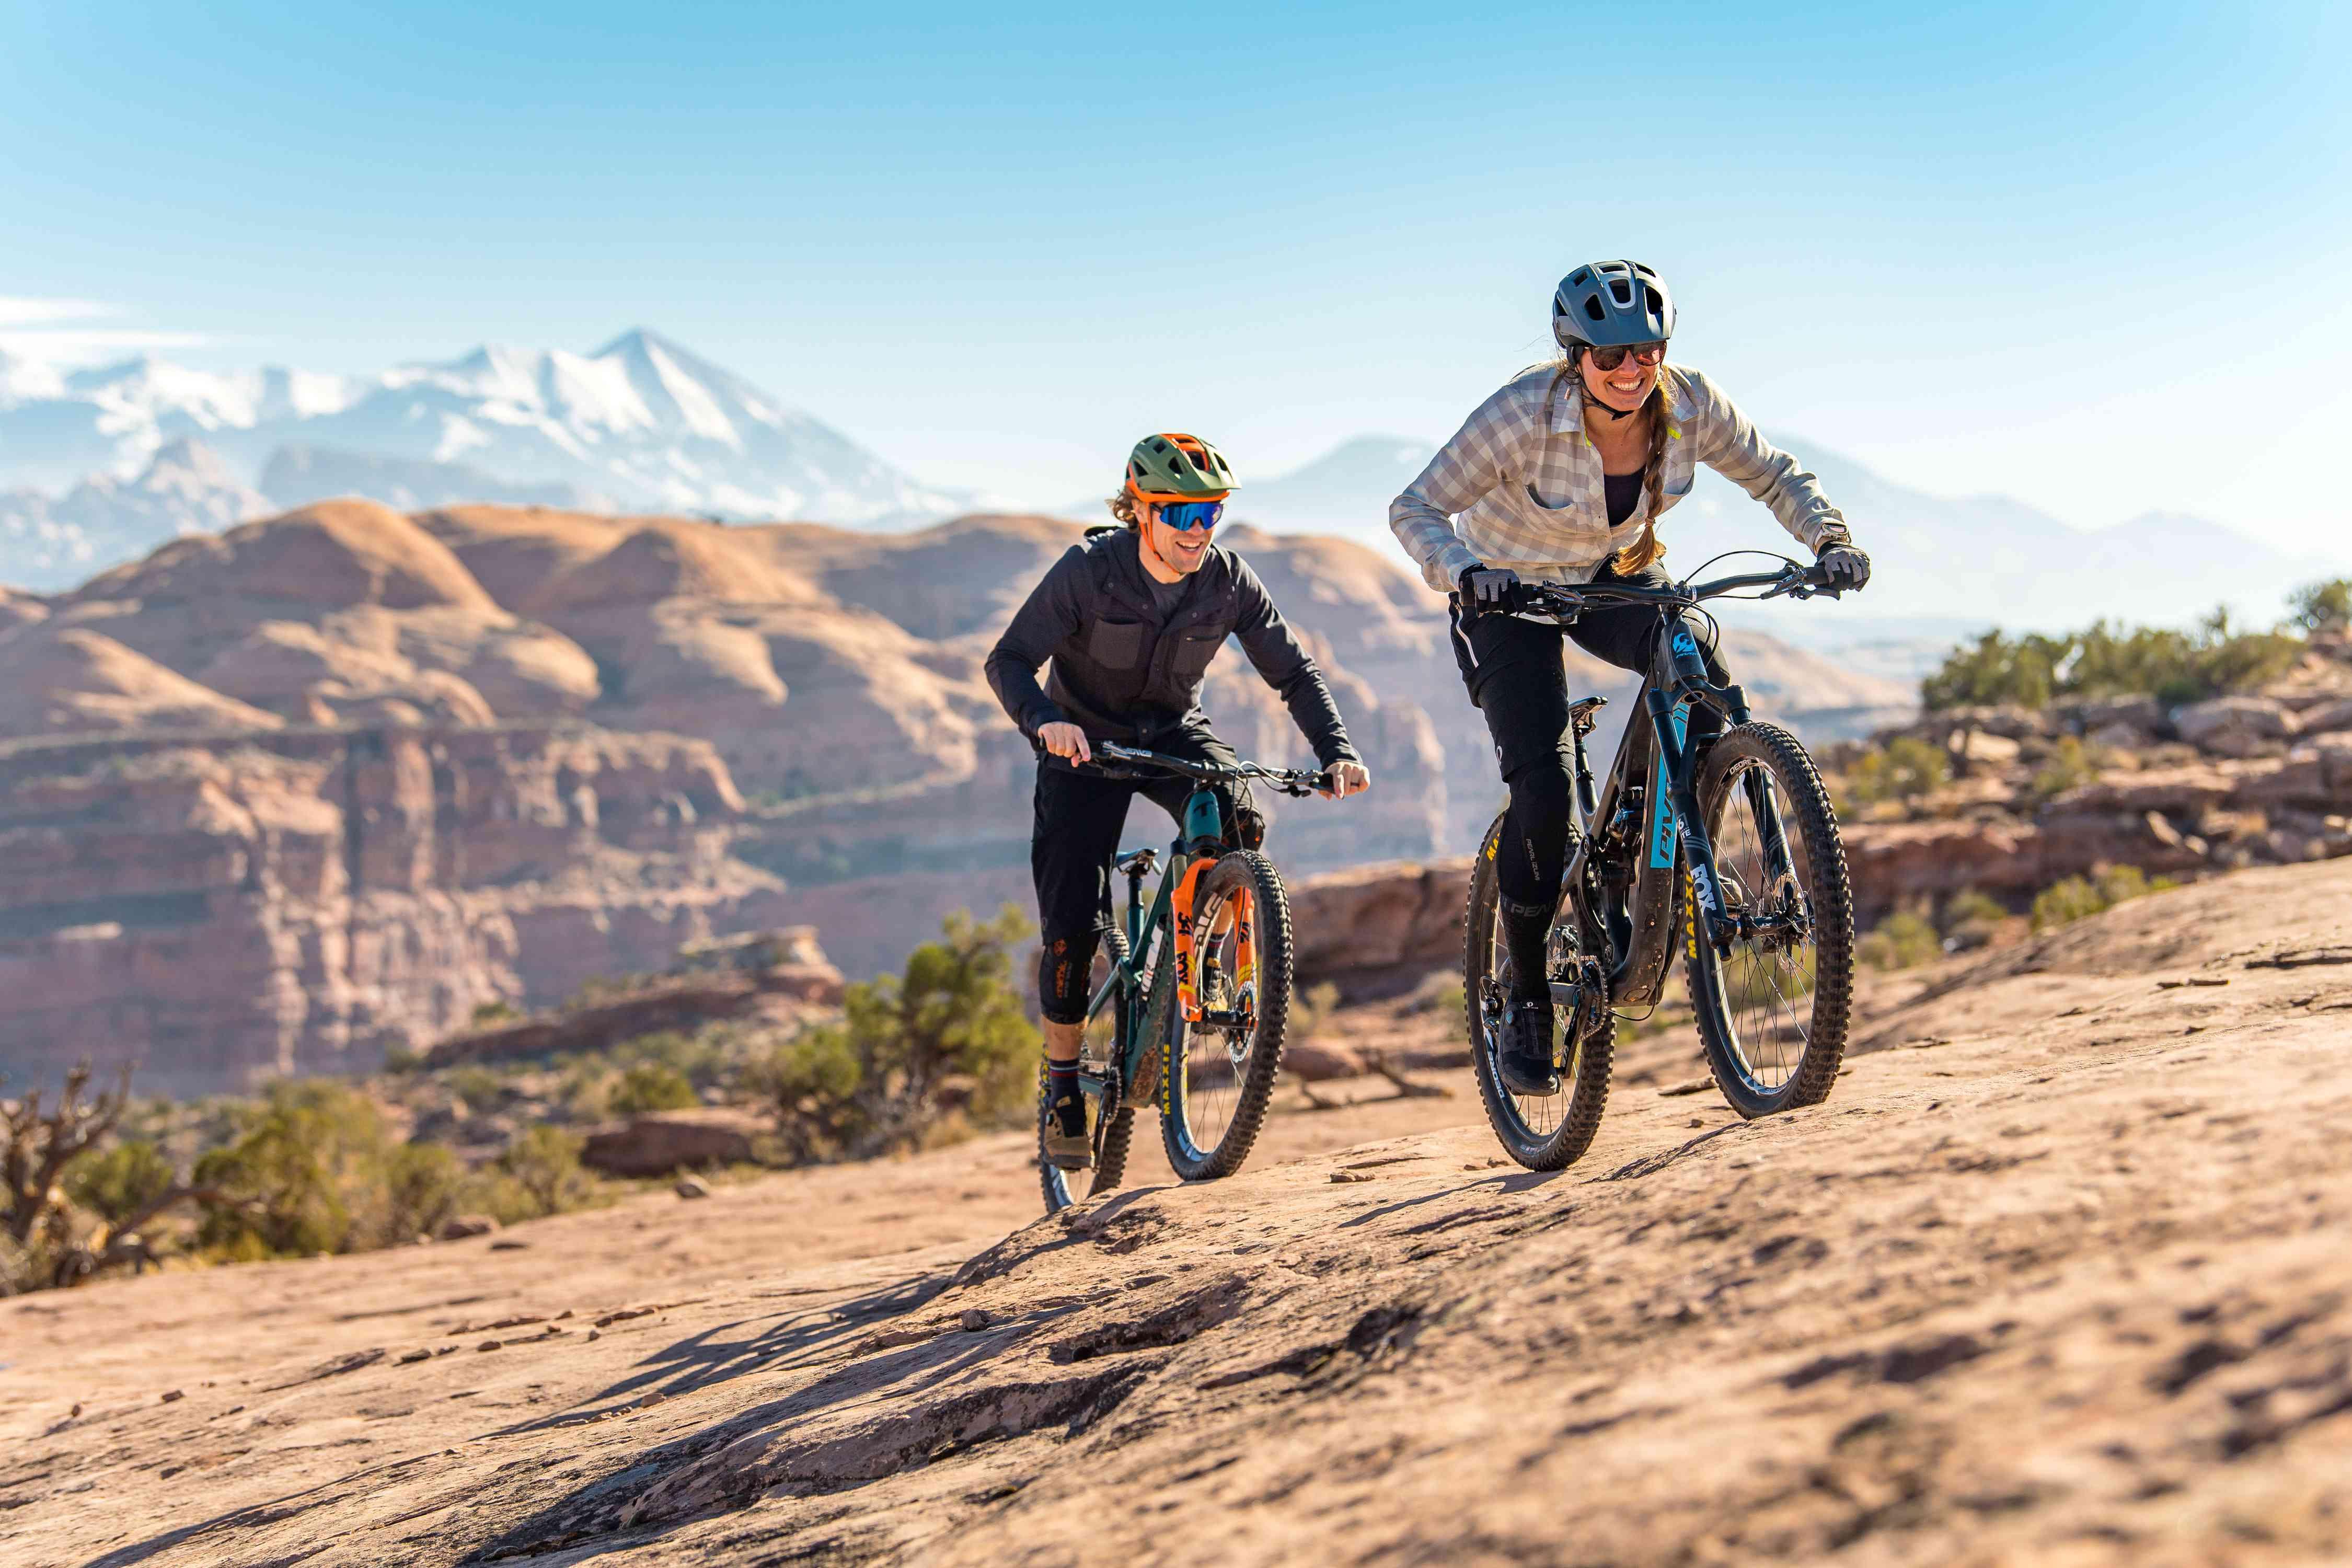 Mountain bikers wearing safety gear